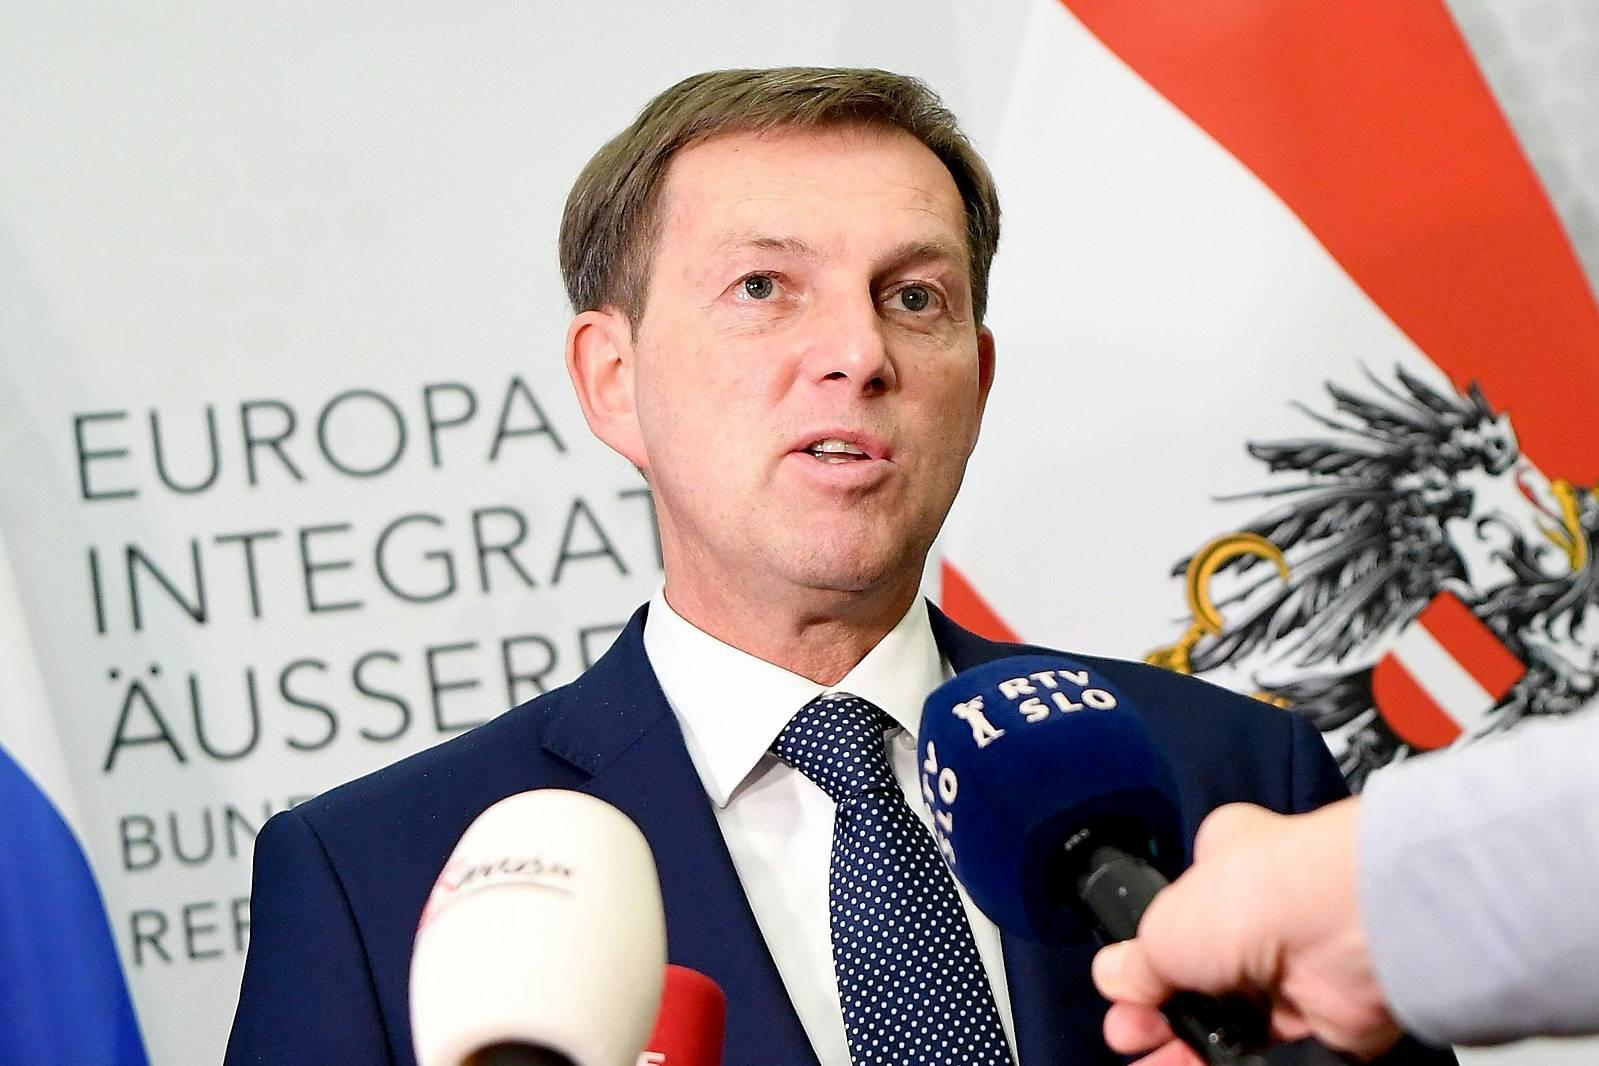 UNO-Migrationspakt: Slowenien will neu prüfen